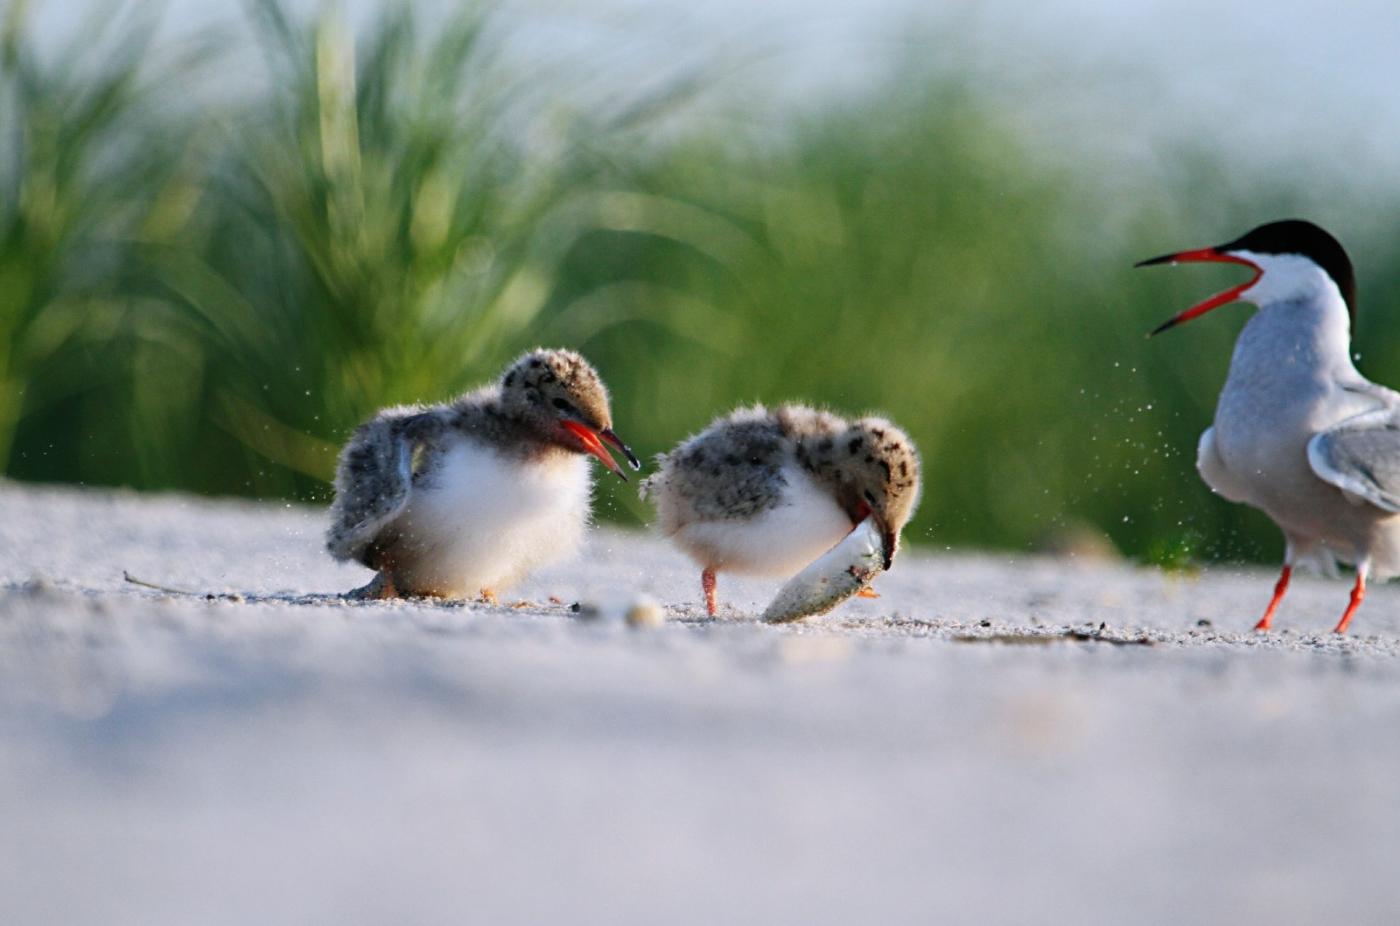 【田螺摄影】小燕鸥抢鱼精彩继续_图1-17